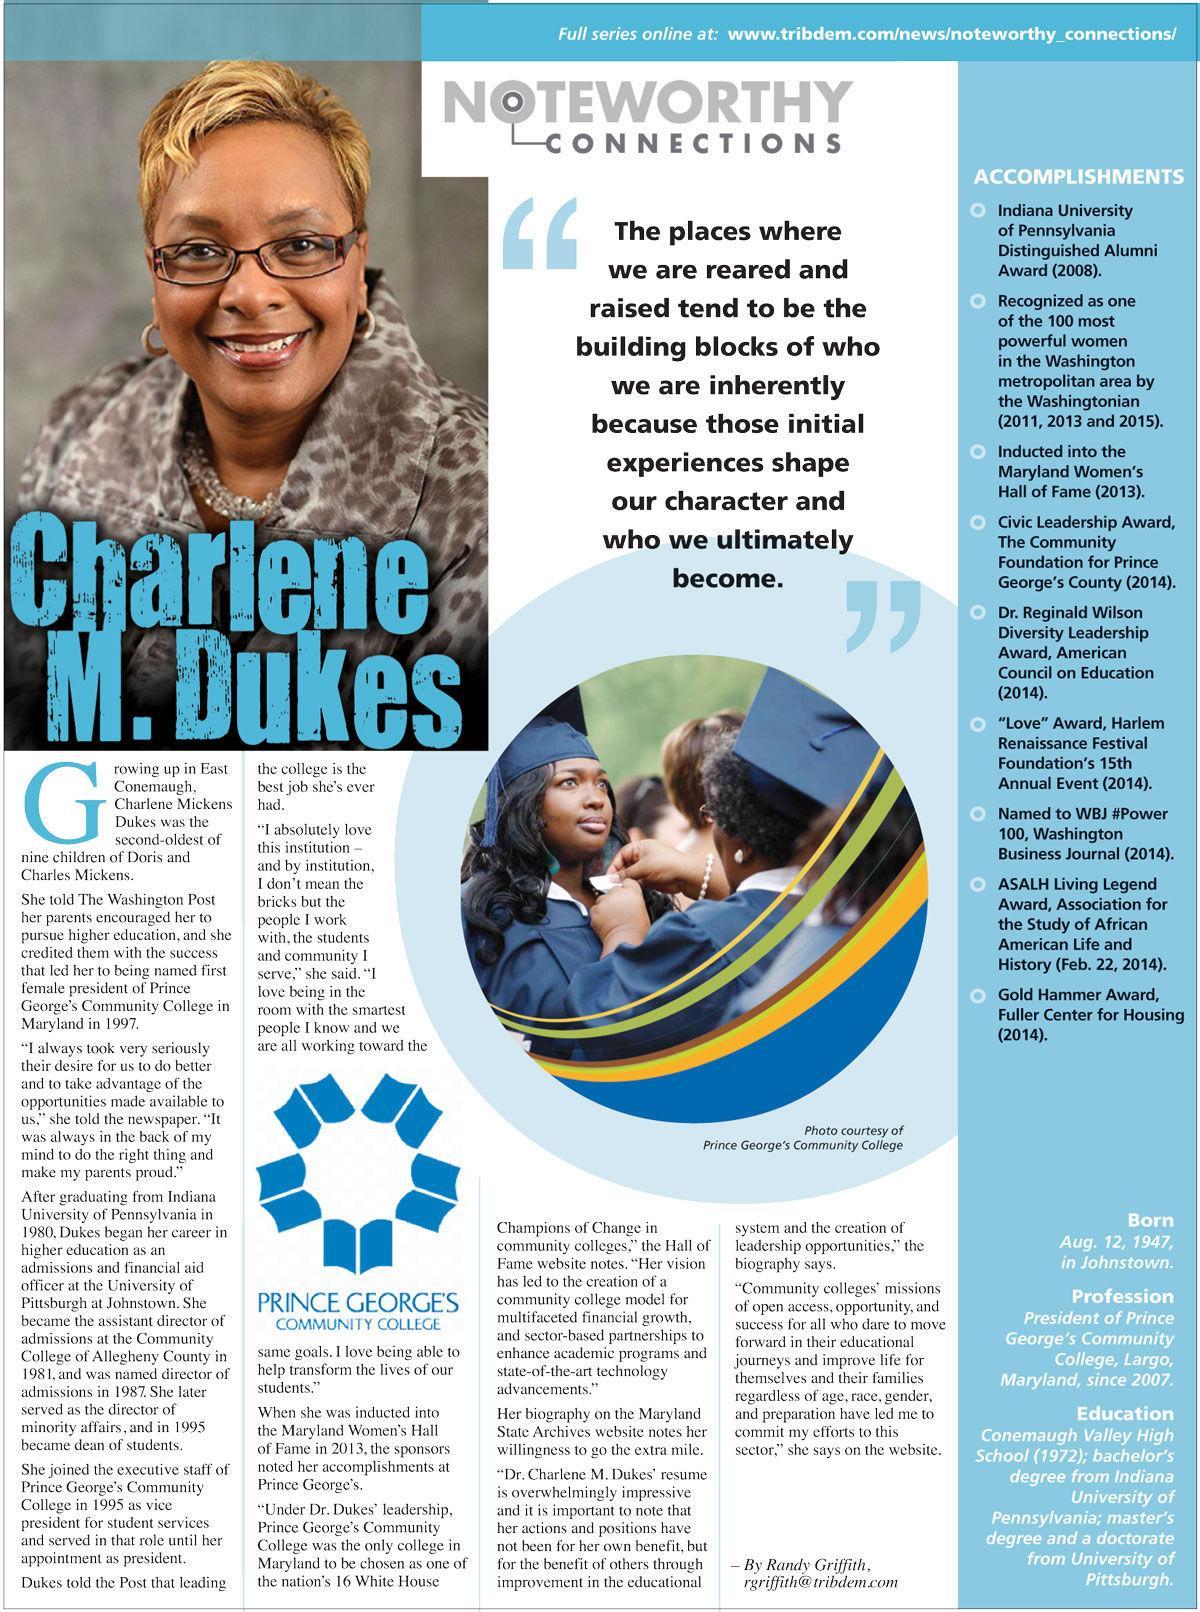 Charlene mickens dukes